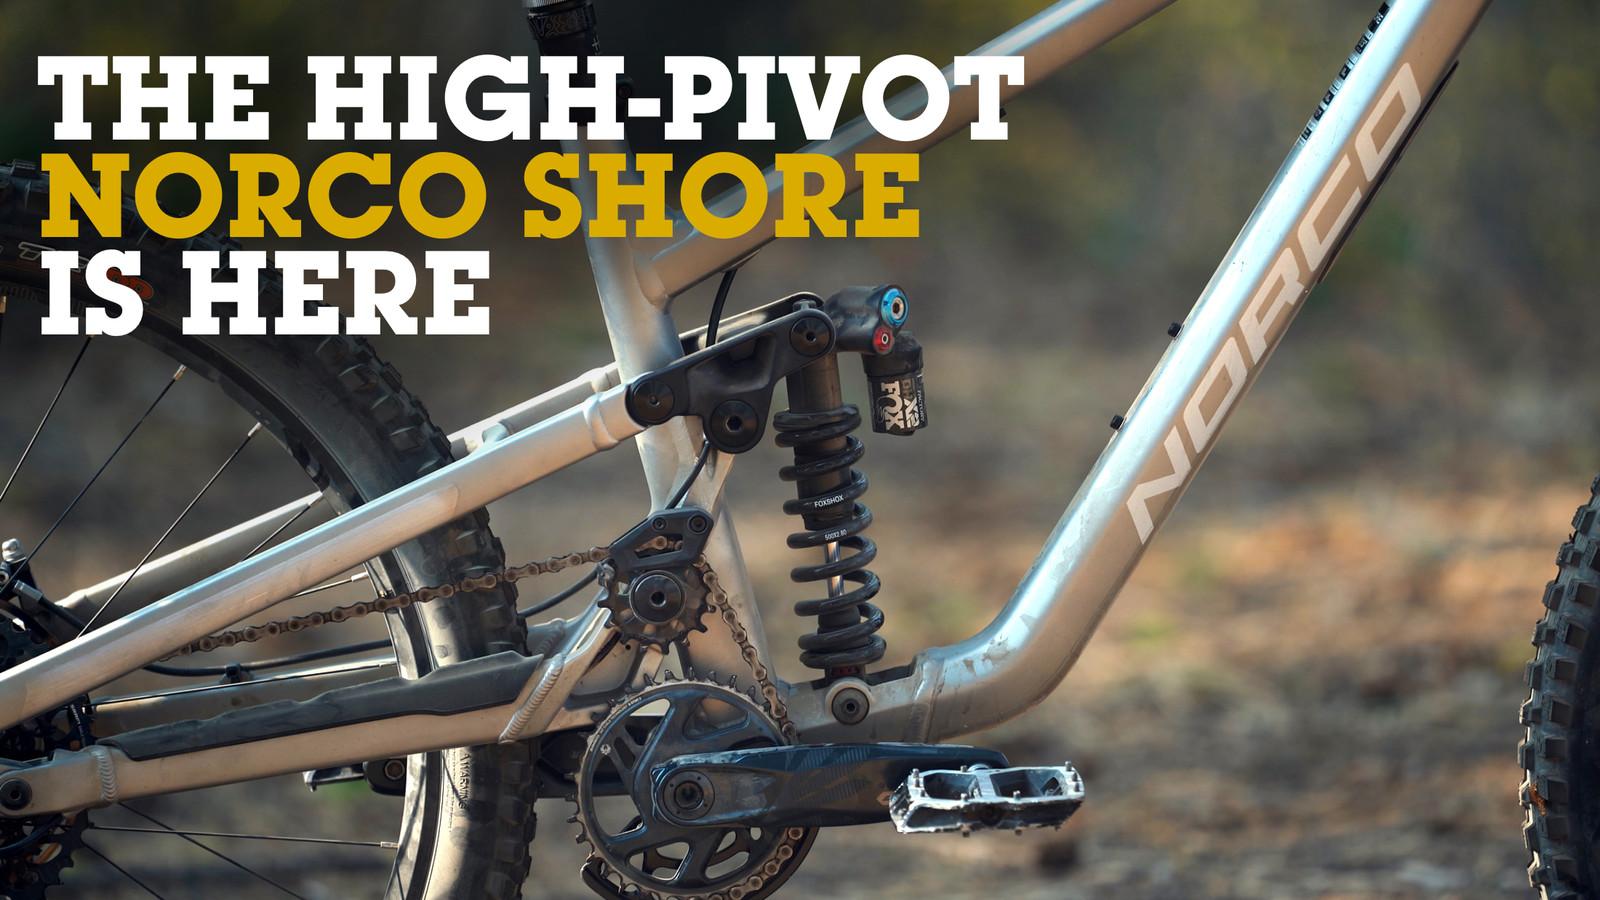 No Apologies - Norco's New High-Pivot Shore